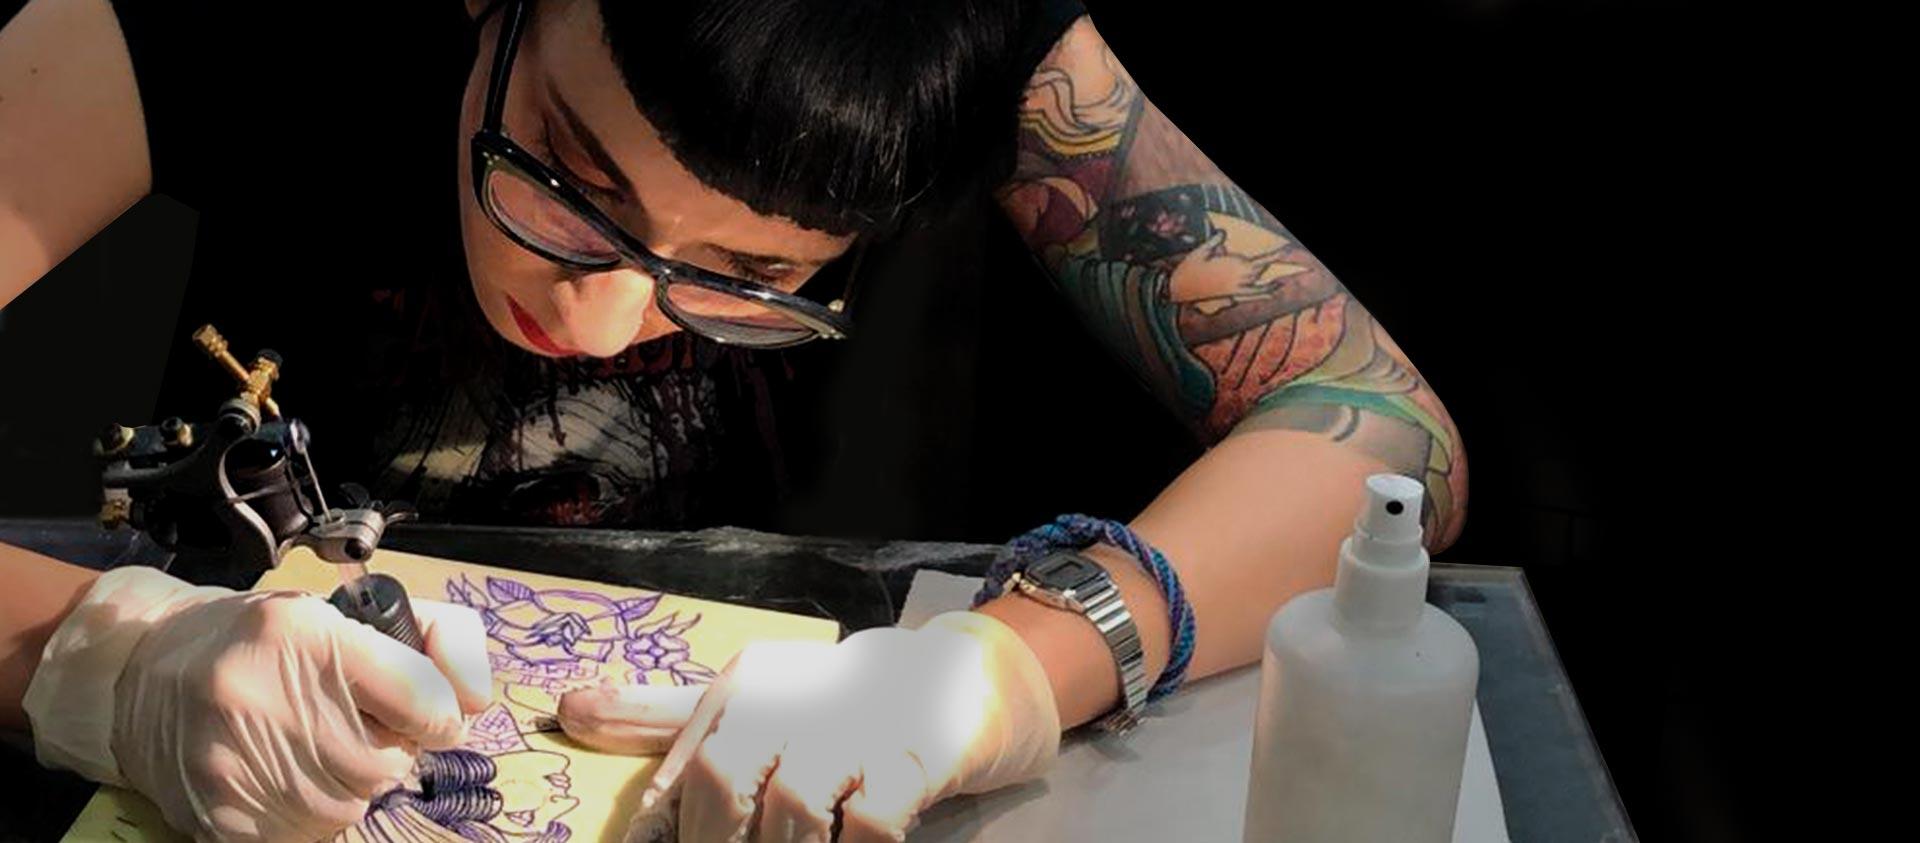 10 estudios de tatuajes para adornar tu cuerpo | El Ranking